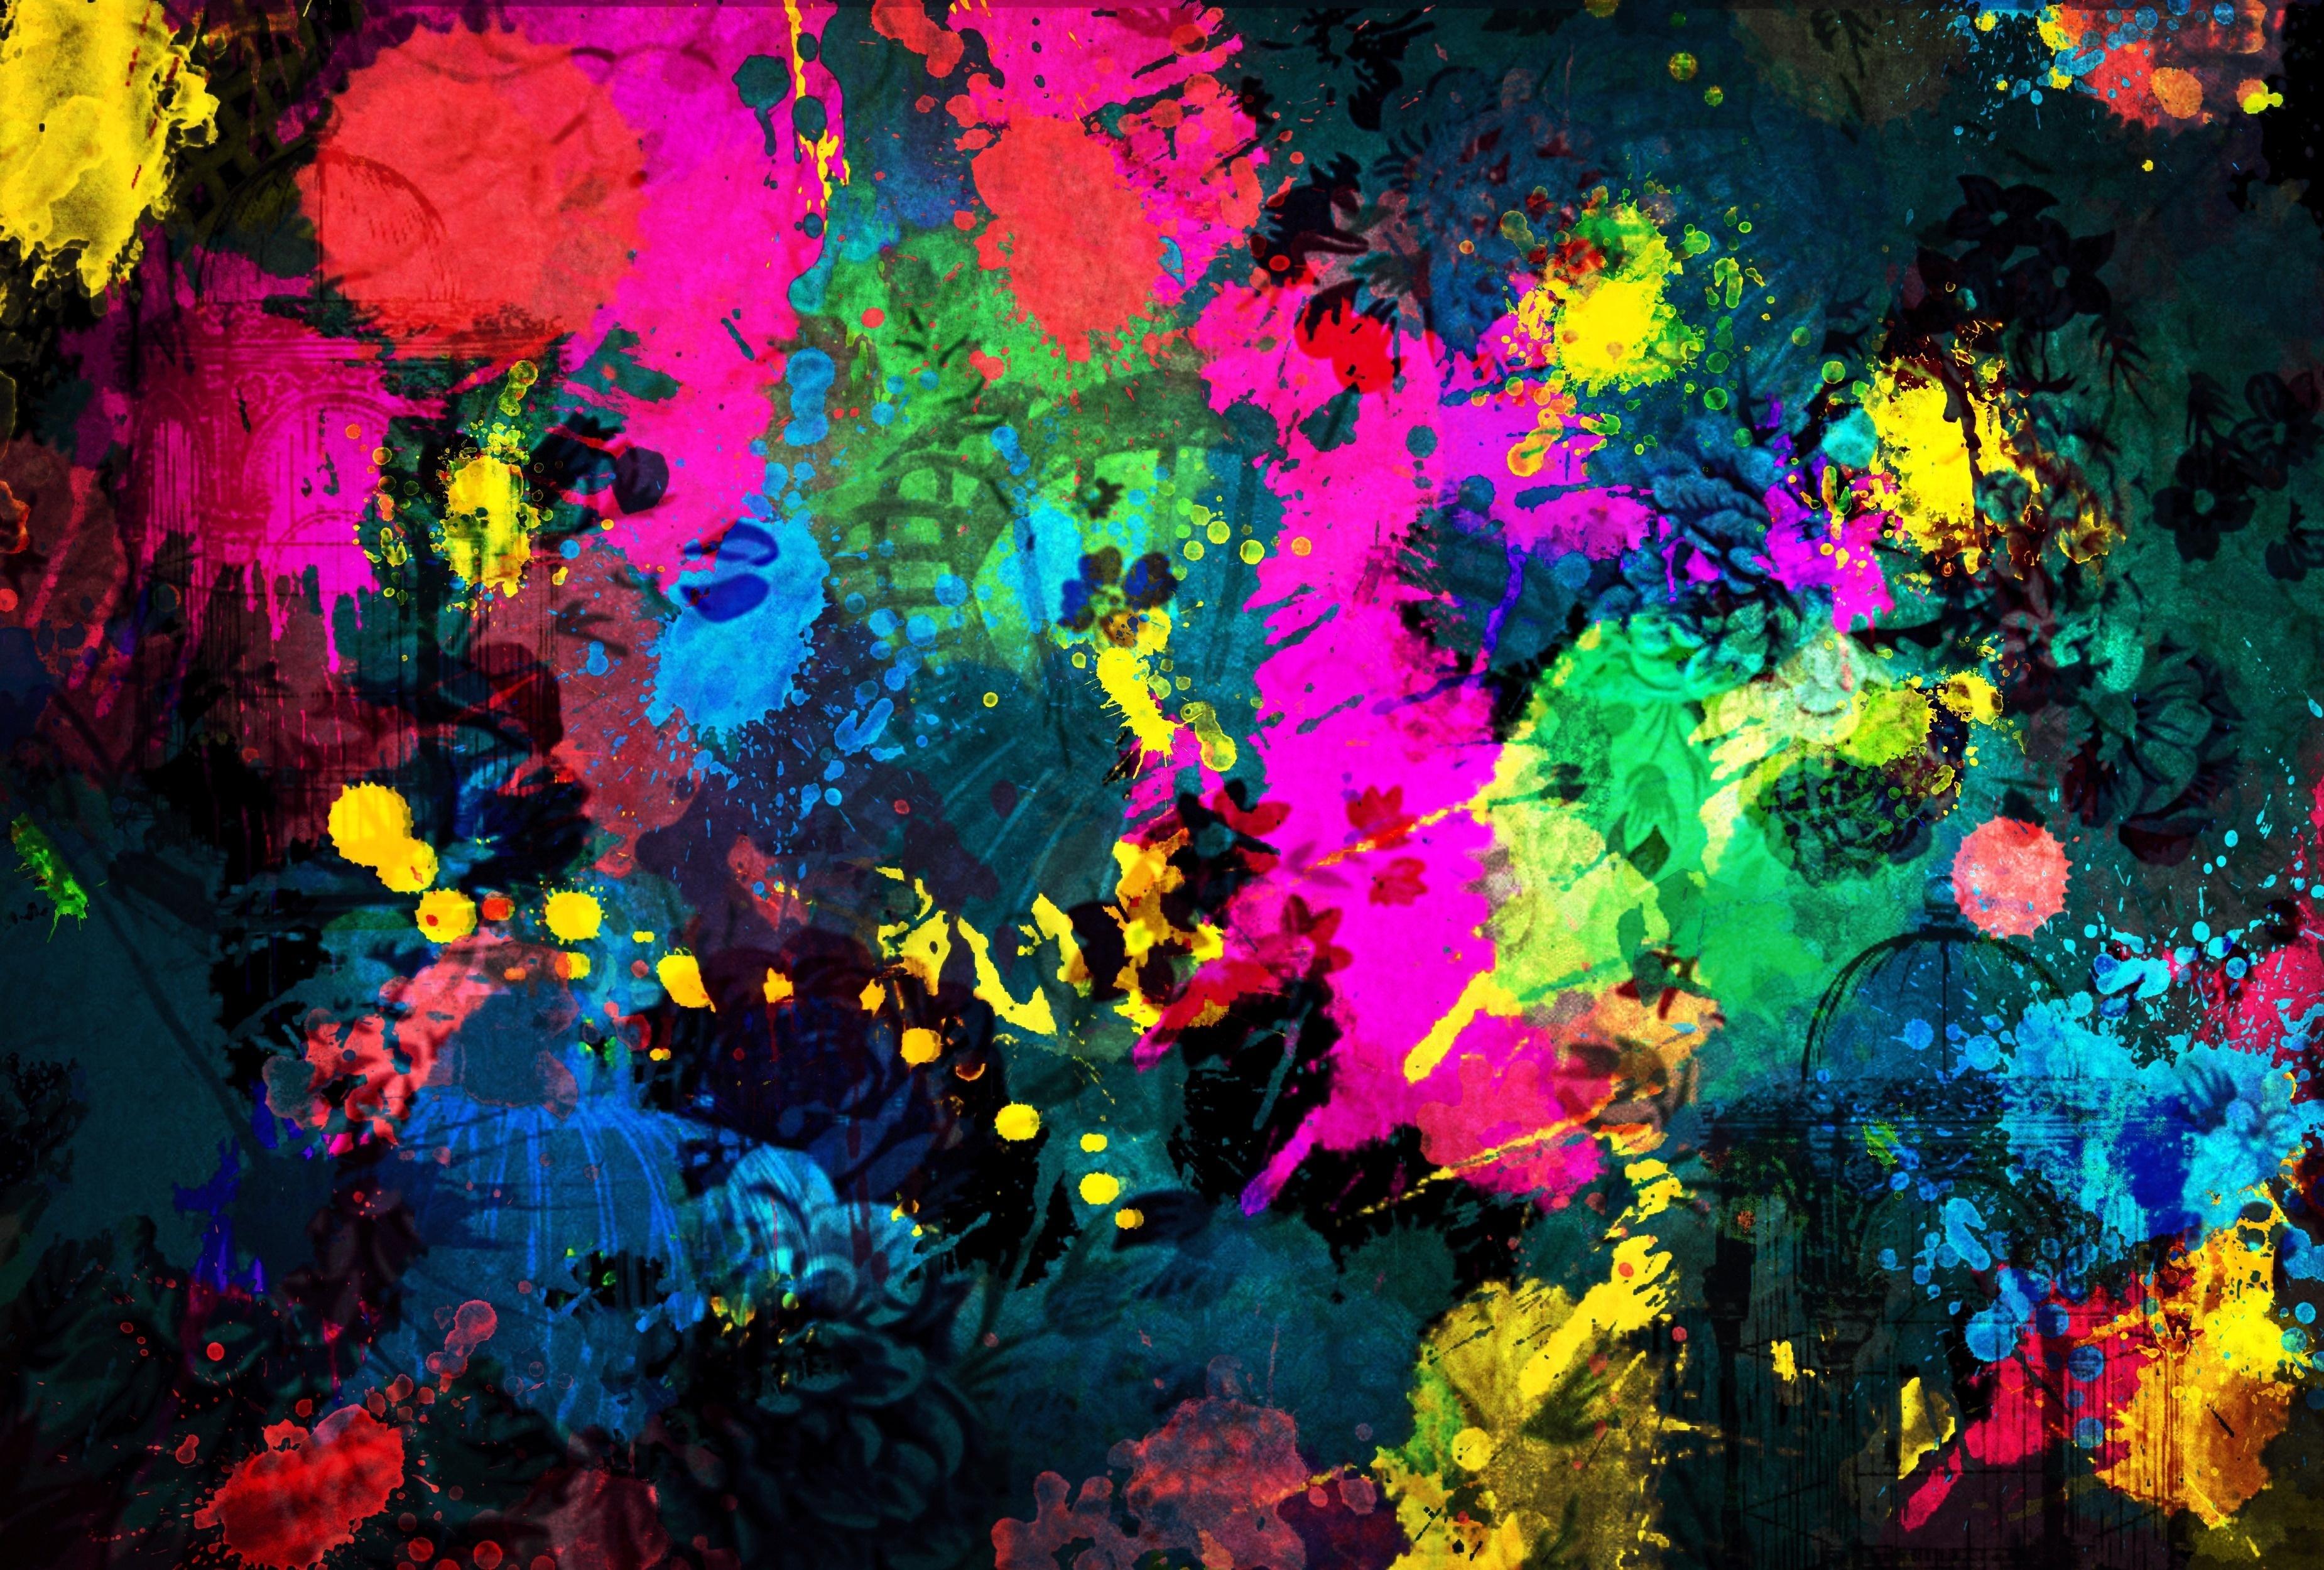 Bright Colorful Backgrounds Wallpaper - WallpaperSafari